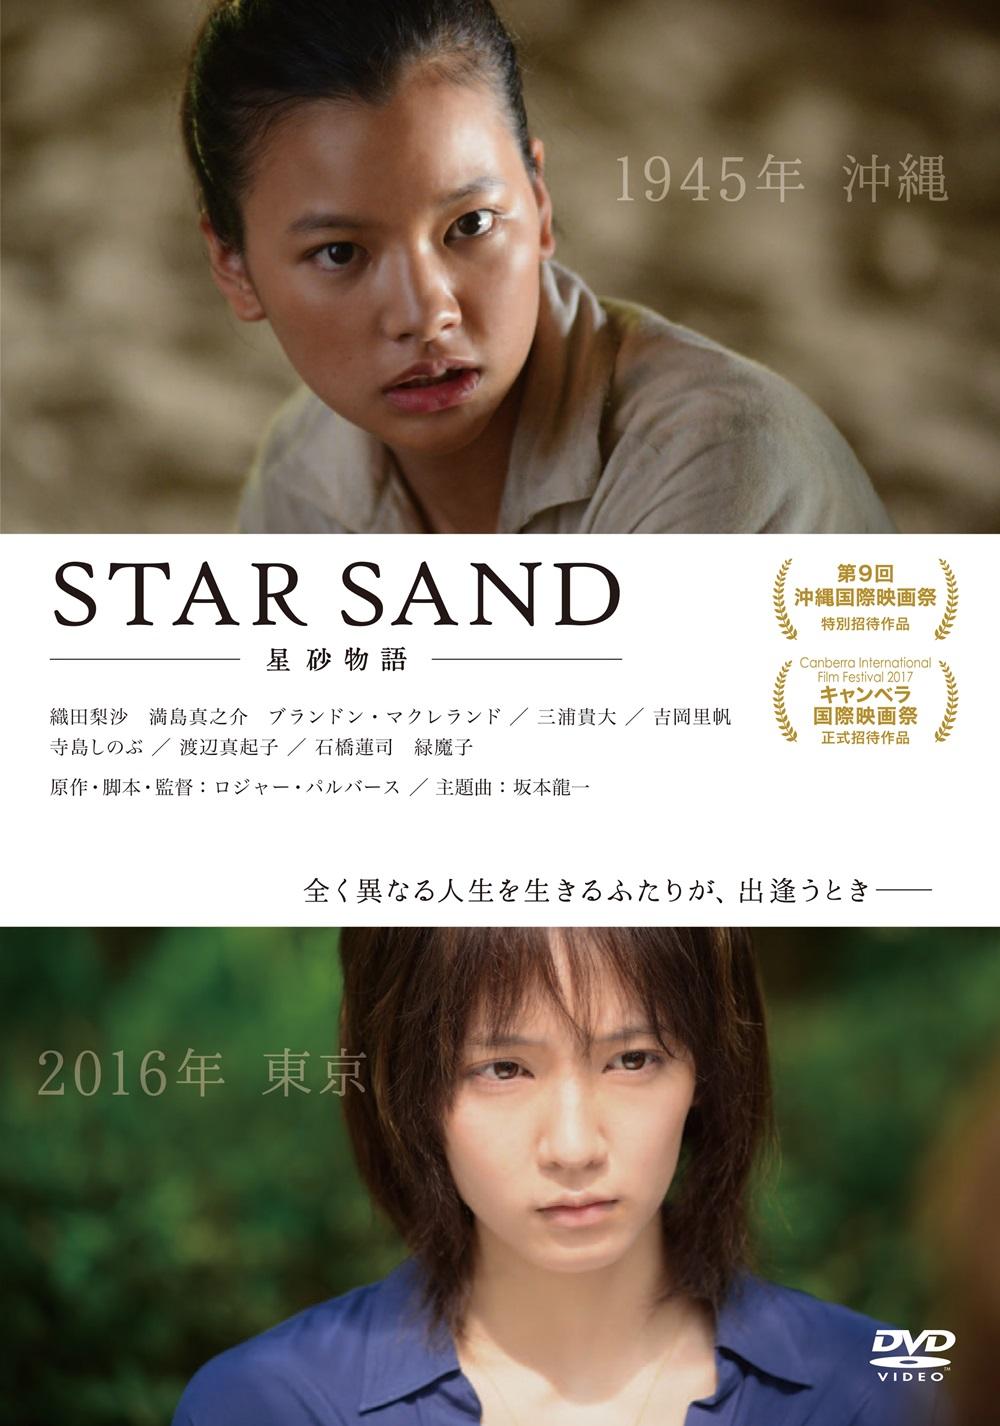 【画像】映画『STAR SAND –星砂物語-』DVDジャケット